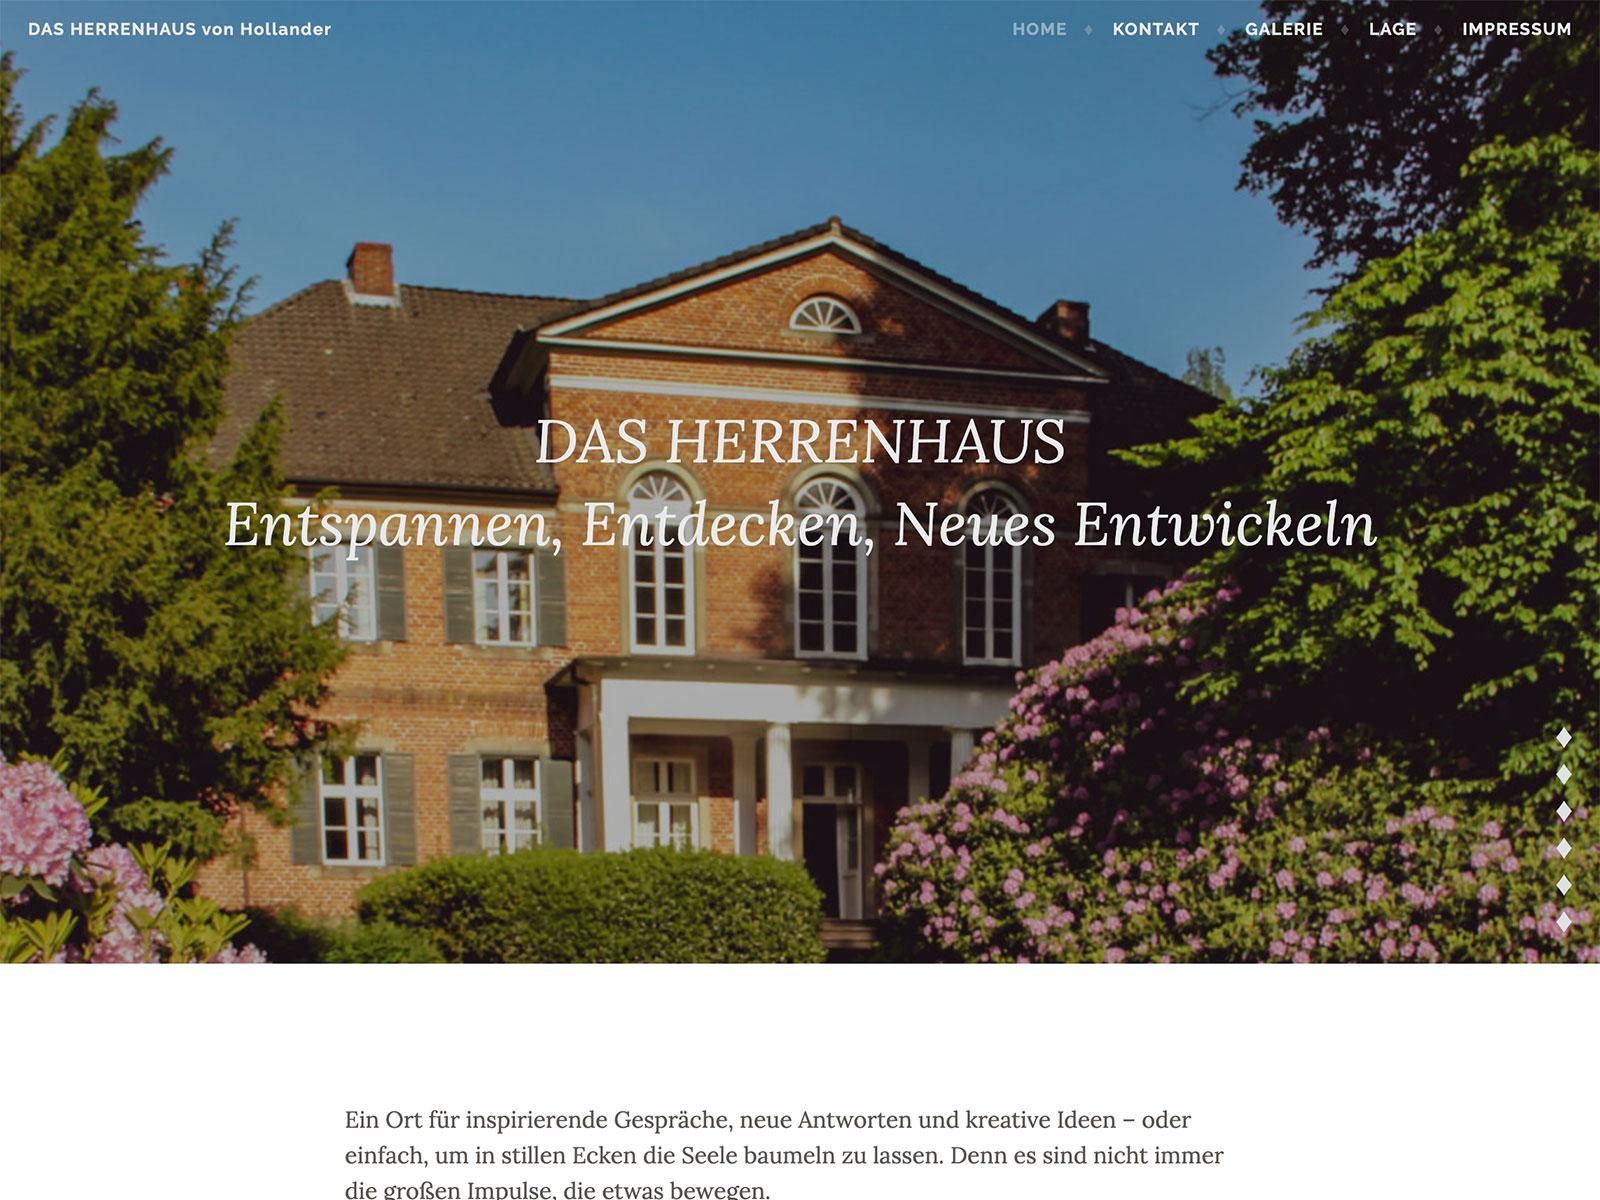 Redaktion für das Herrenhaus von Hollander